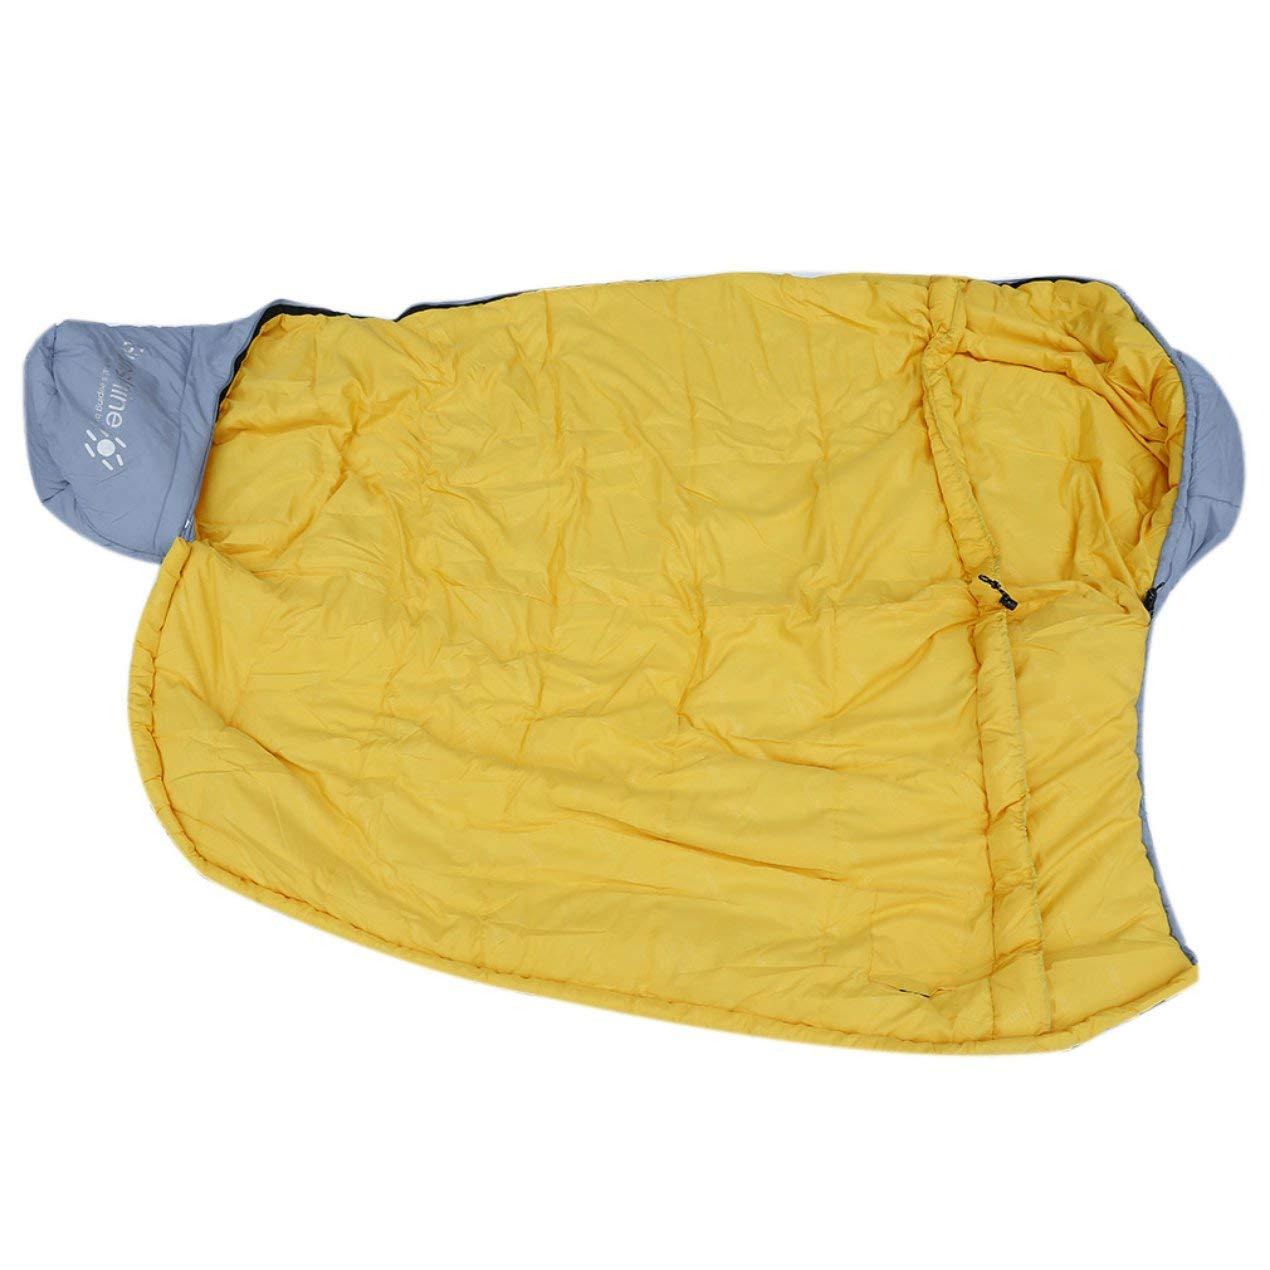 Dooret Outdoor Schlafen Kompressionsbeutel Mummy Art Thermal Warm Erwachsene Einzel Winter Camping Wasserdichte Professionelle Feste Tragetasche